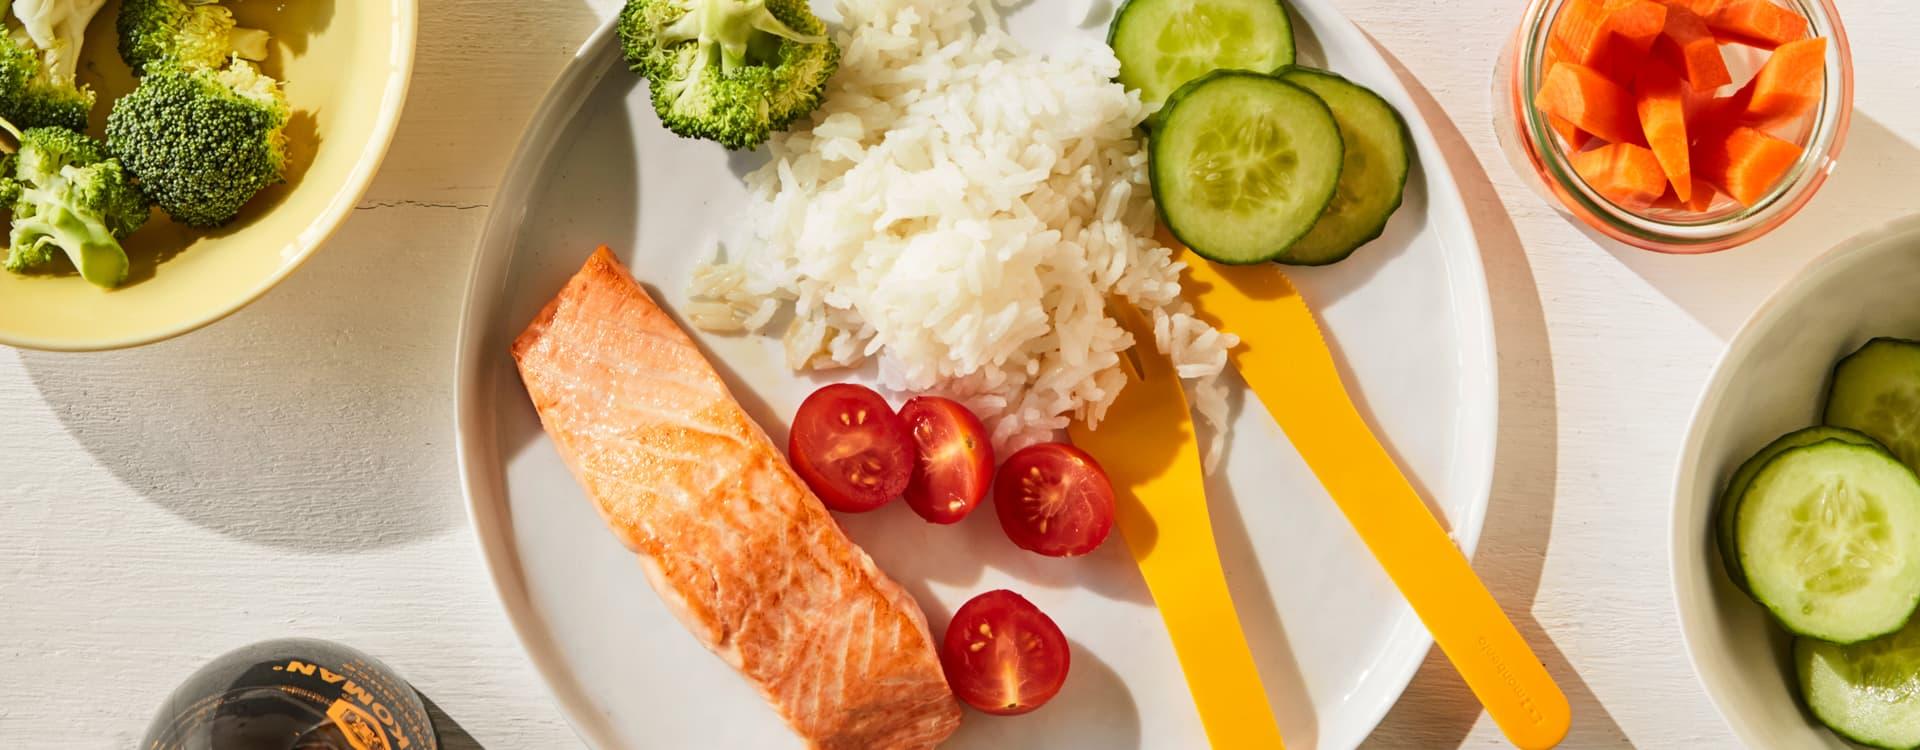 Laks med ris og grønnsaker